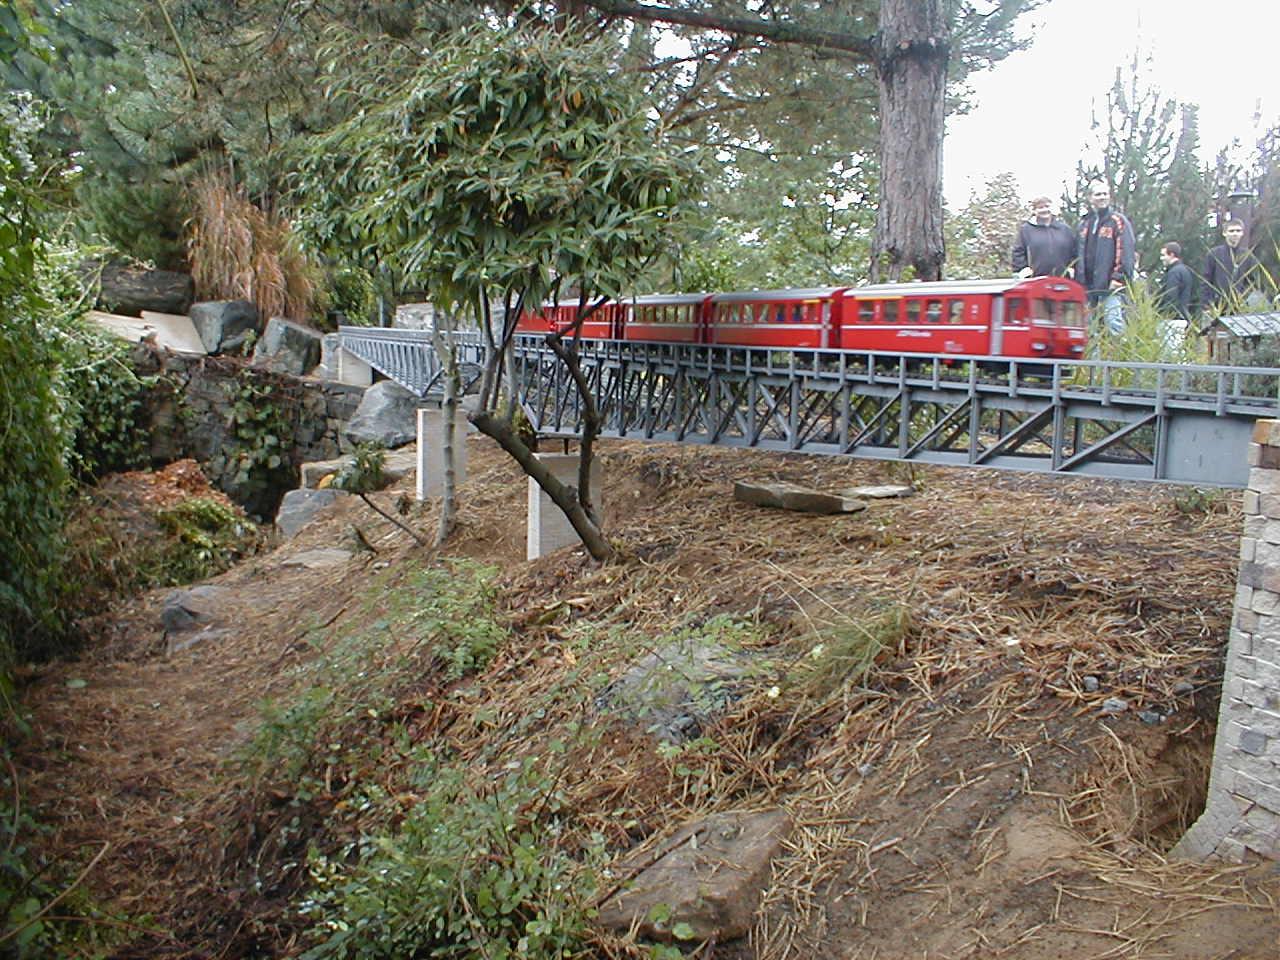 ocelovy most zahradni zeleznice